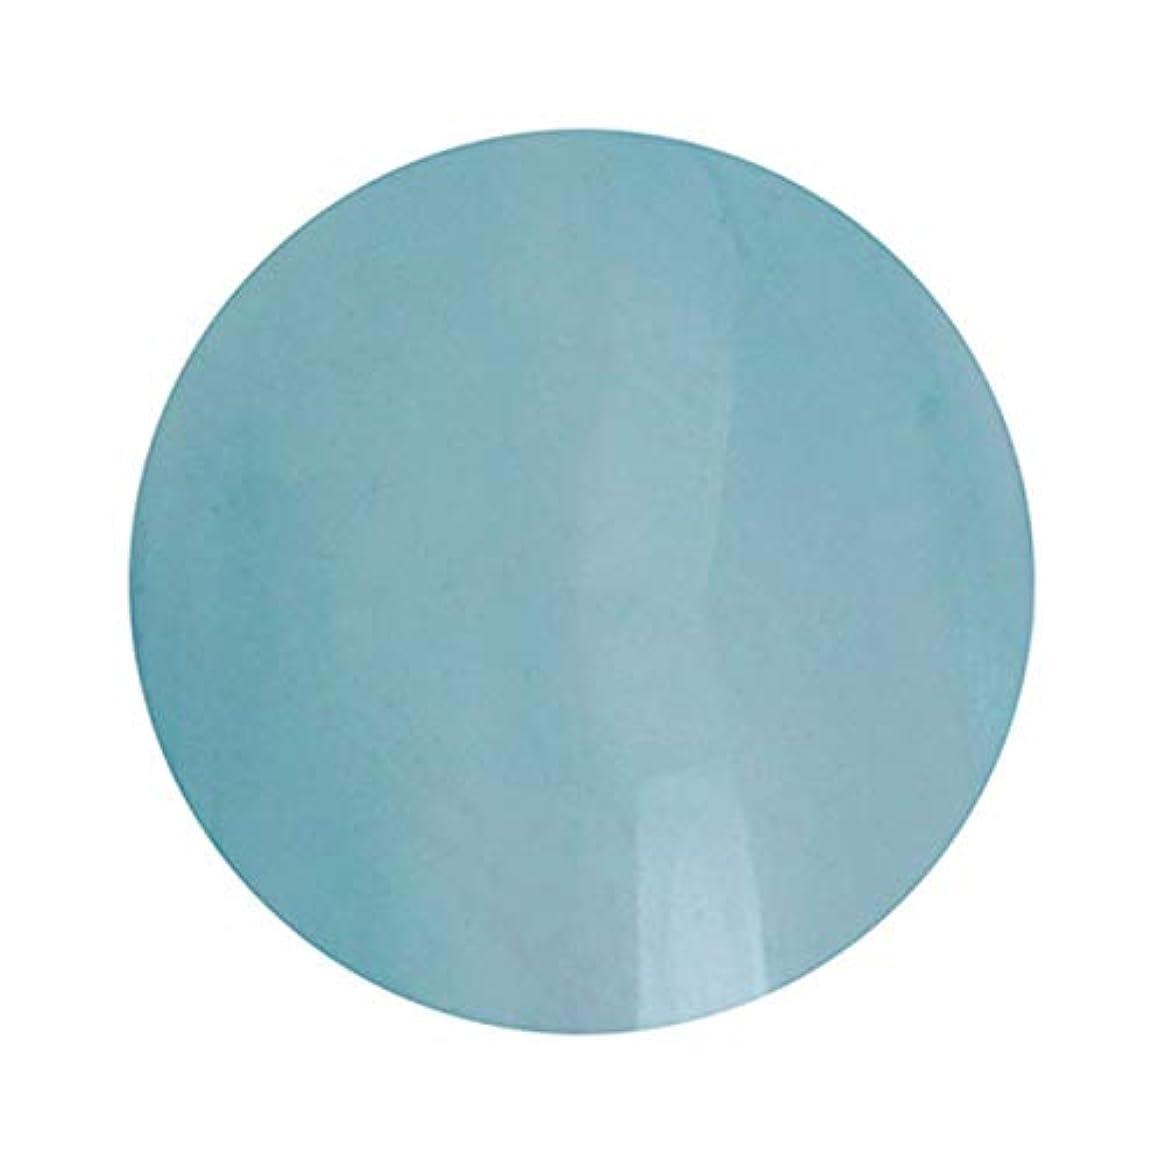 T-GEL COLLECTION ティージェルコレクション カラージェル D236 クリアブルーグリーン 4ml